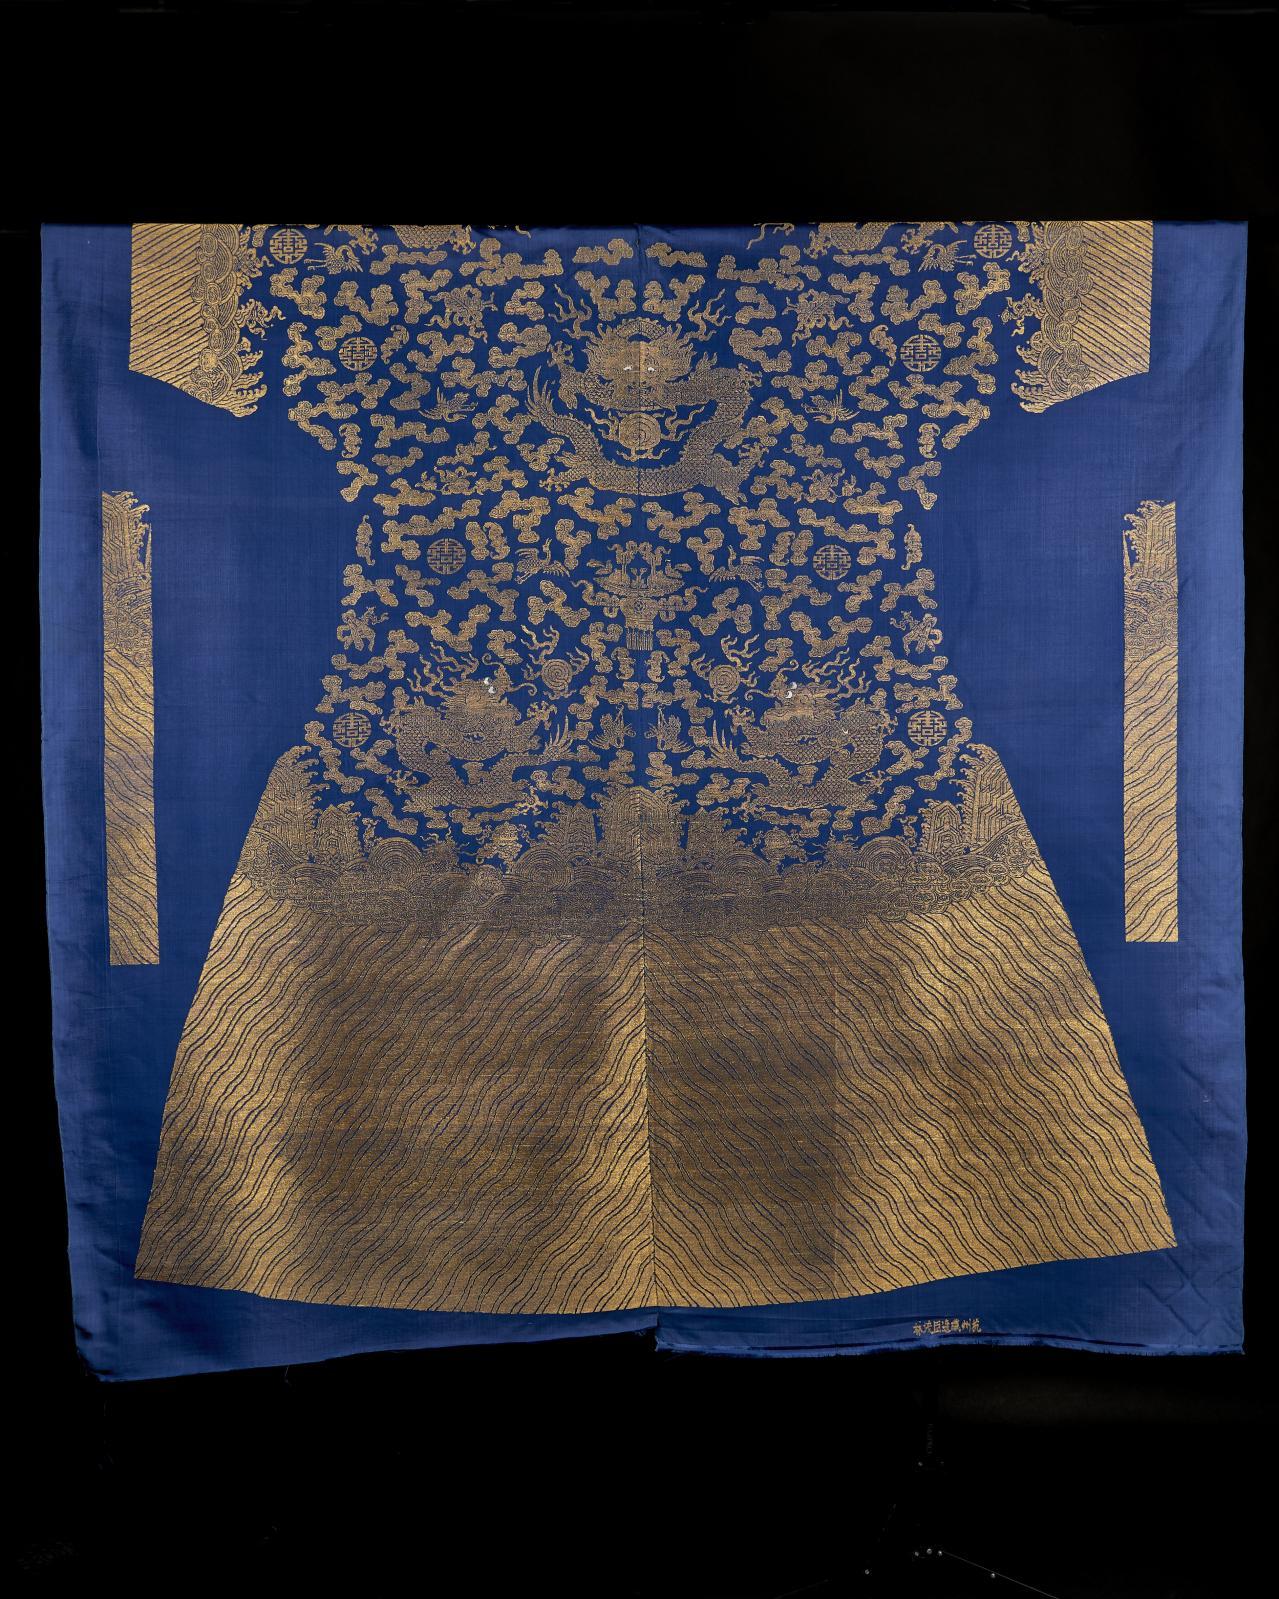 Chine, fin de l'époque Qing (1644-1911). Patron de robe de mandarin, soie bleue et tissé de fils d'or (zhi jing), signé «ministre Mao Lin», fait à Han